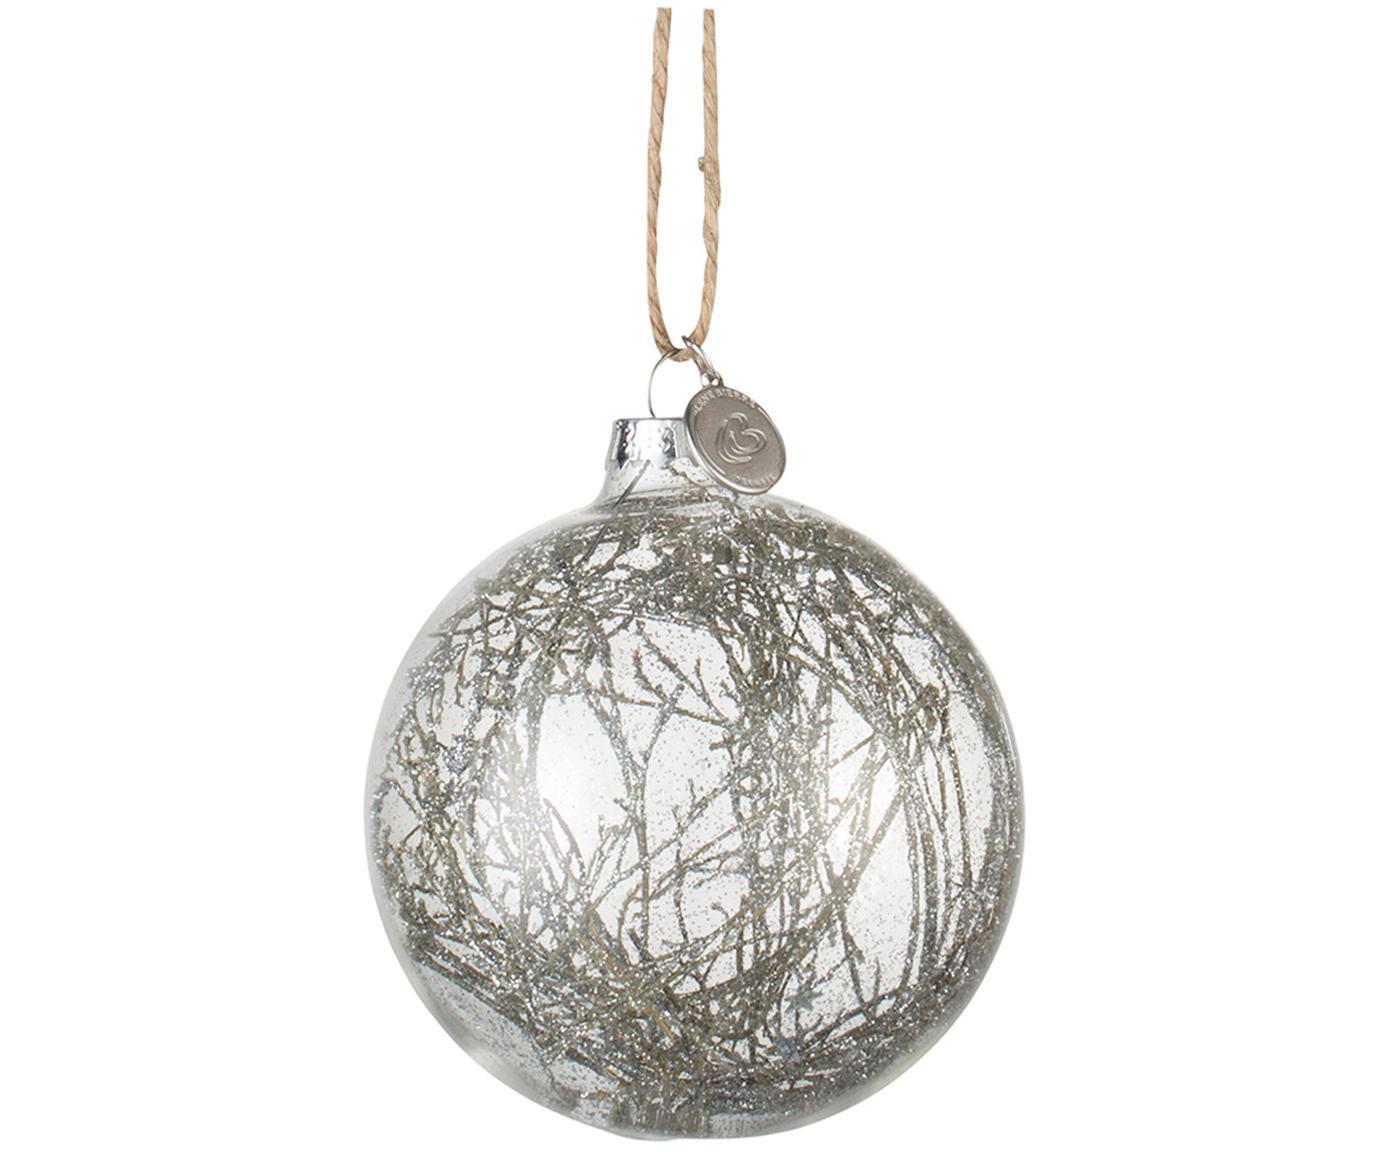 Weihnachtskugeln Mernia, 2 Stück, Transparent, Silberfarben, Ø 8 cm